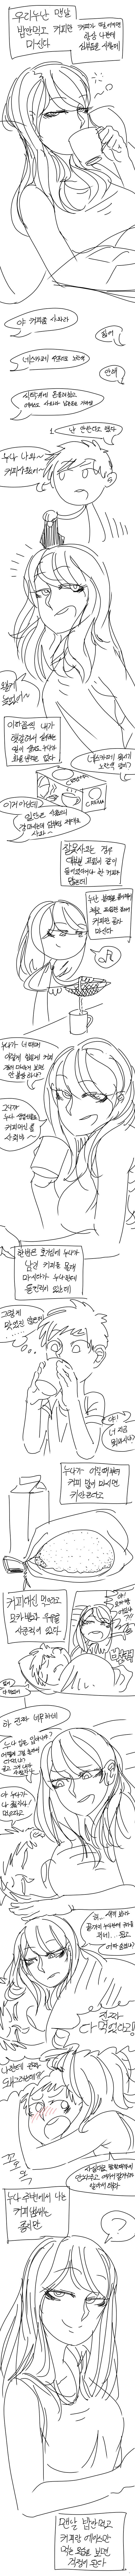 https://image.fmkorea.com/files/attach/new/20190907/486616/1477584093/2165816260/af2fb071cfb95ad378d51fa8750f367e.png